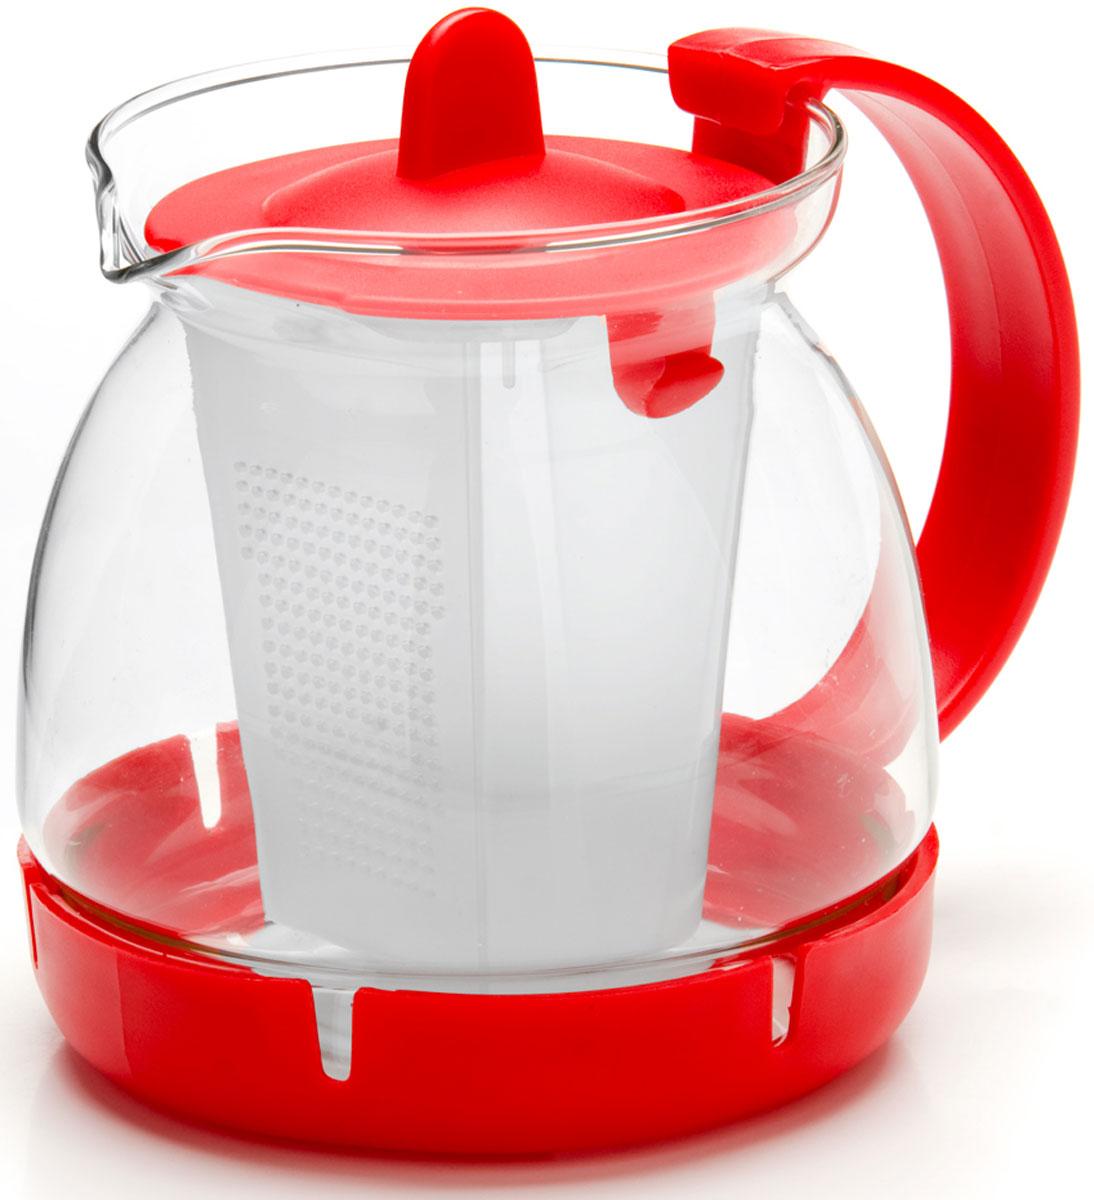 Чайник заварочный Mayer & Boch, с фильтром, 0,8 л. 26175-11075436Заварочный чайник изготовлен из термостойкого боросиликатного стекла, фильтр выполнены из полипропилена. Изделия из стекла не впитывают запахи, благодаря чему вы всегда получите натуральный, насыщенный вкус и аромат напитков. Фильтр гарантирует прозрачность и чистоту напитка от чайных листьев, при этом сохранив букет и насыщенность чая. Подходит для мытья в посудомоечной машине.Объем чайника: 800 мл.